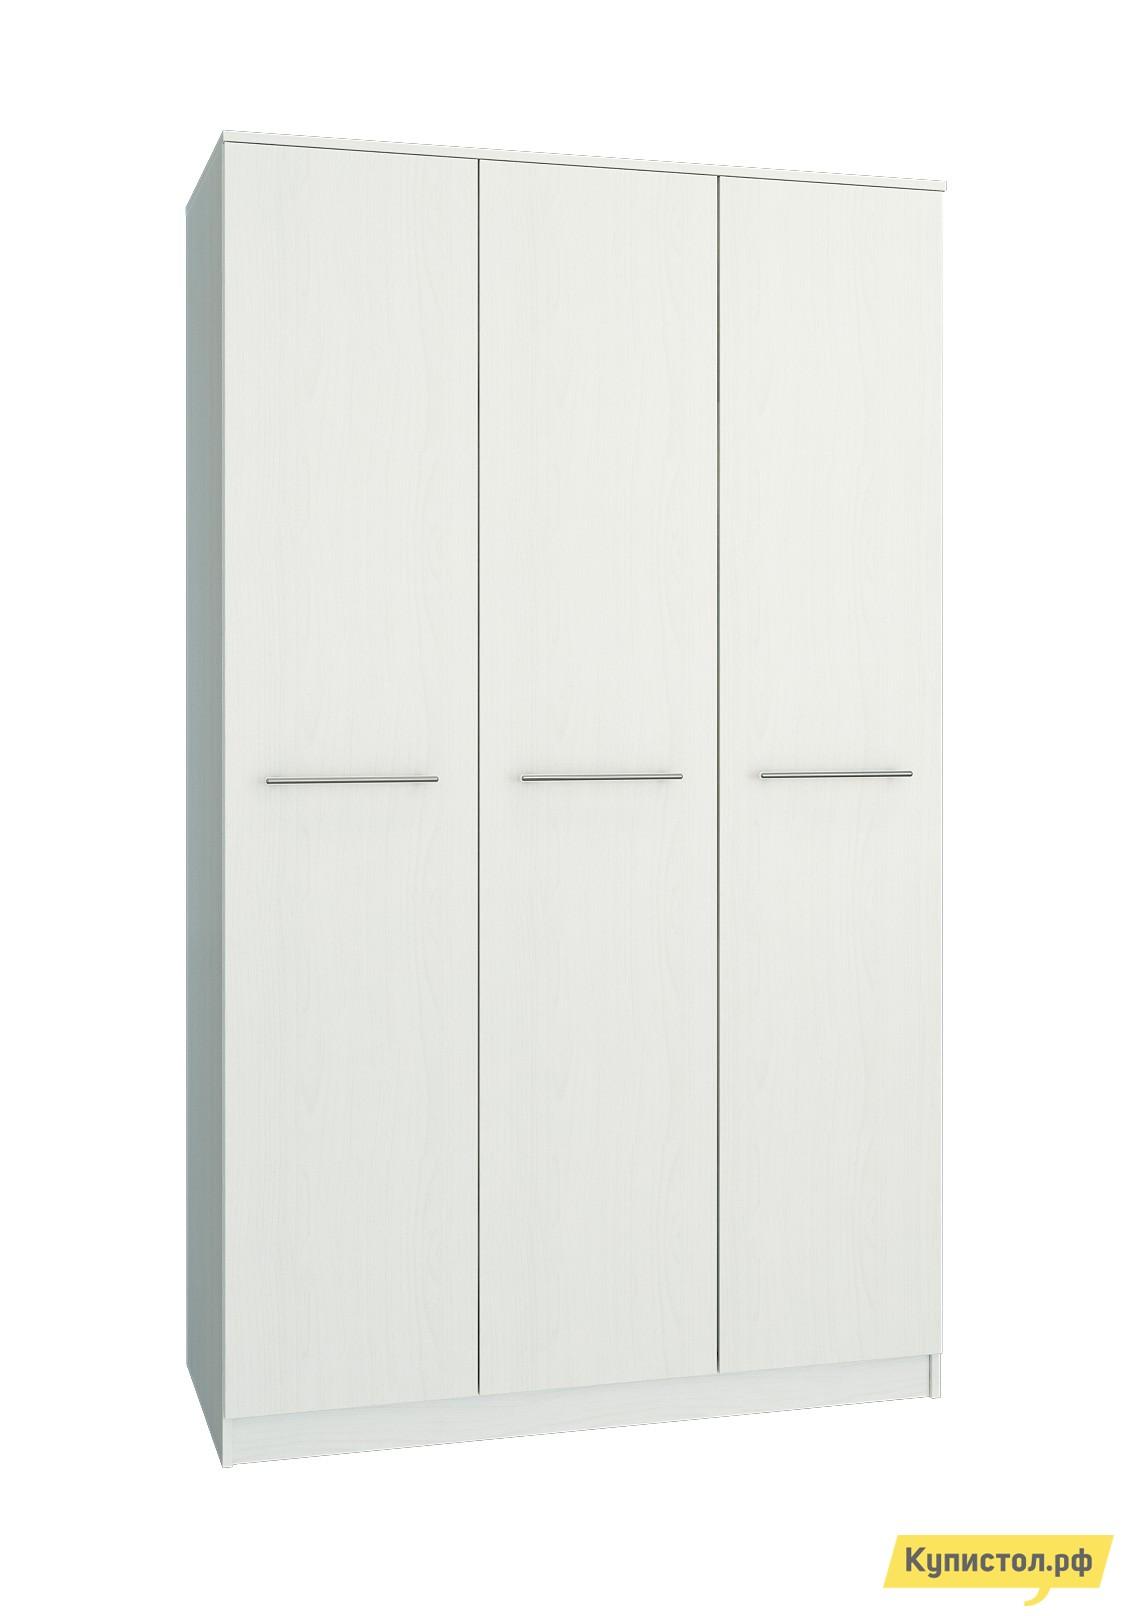 Шкаф распашной МФ Мастер Ланс-3 Белый